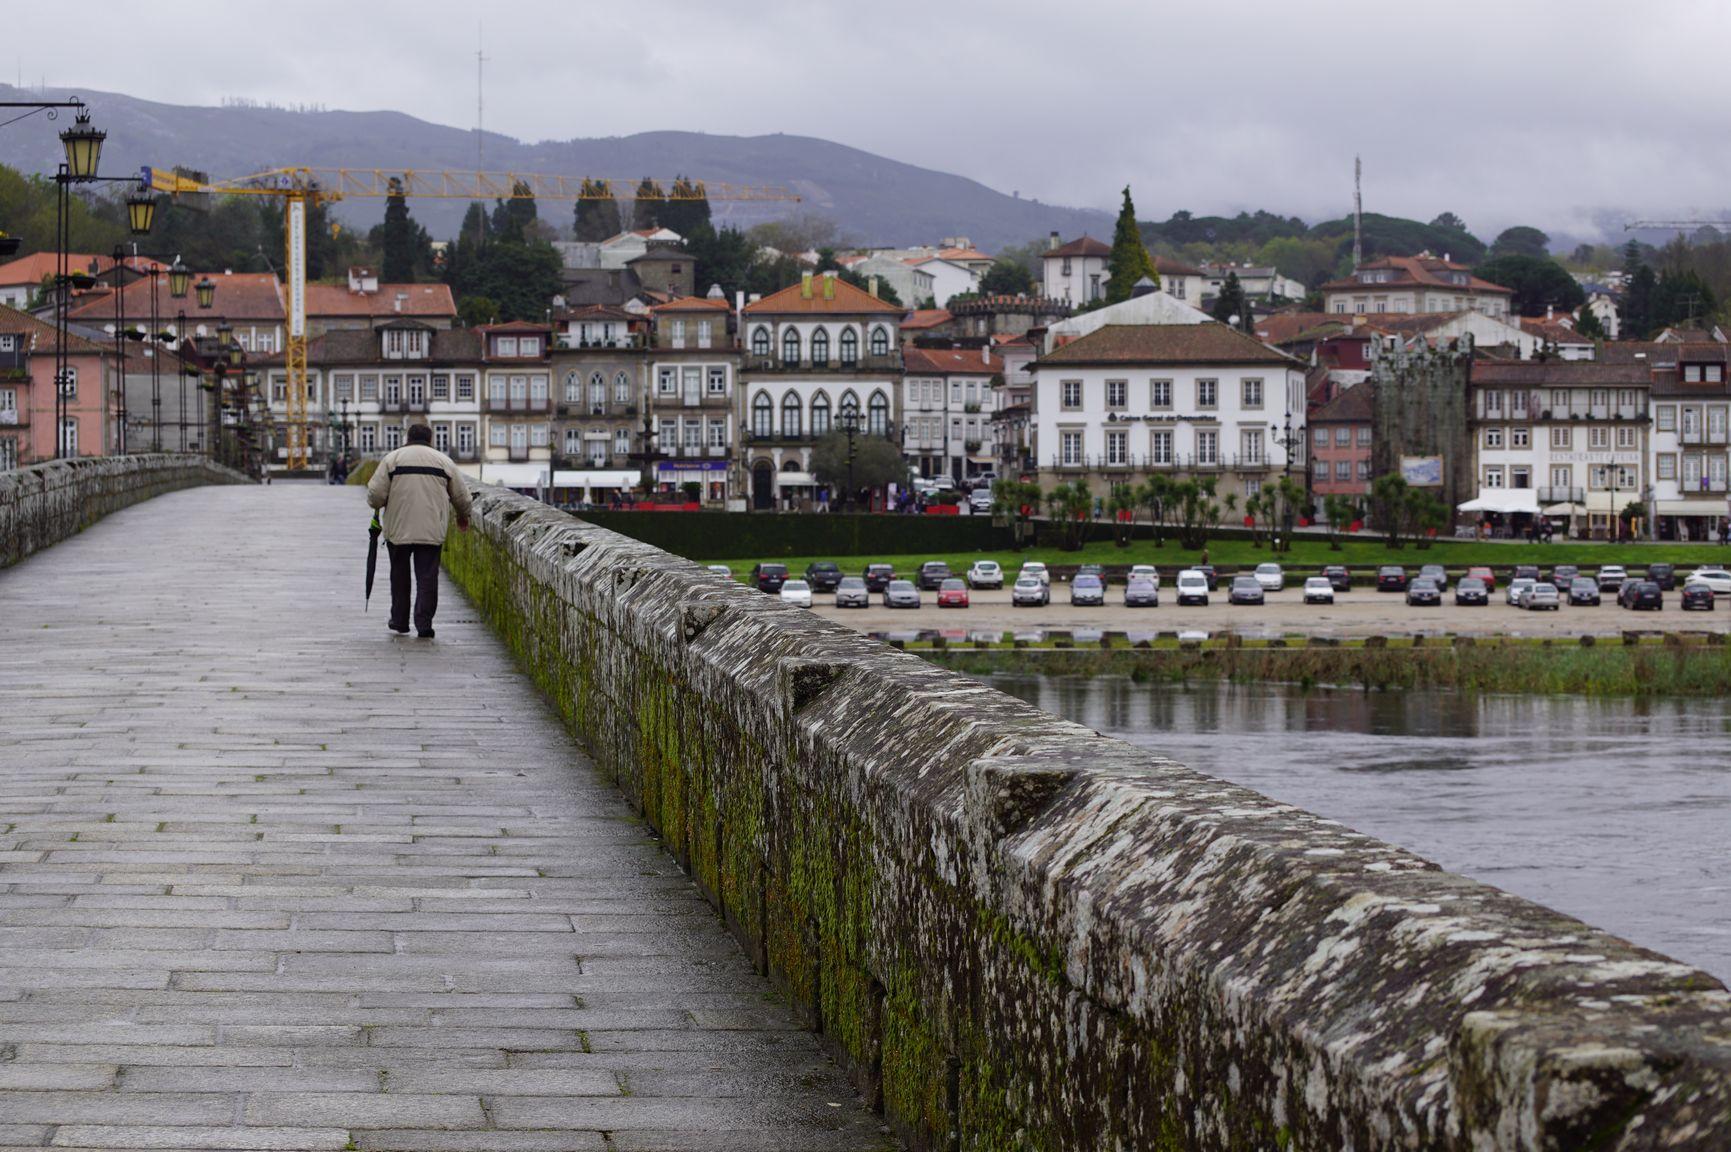 Ponte de lima mars 220 (6)